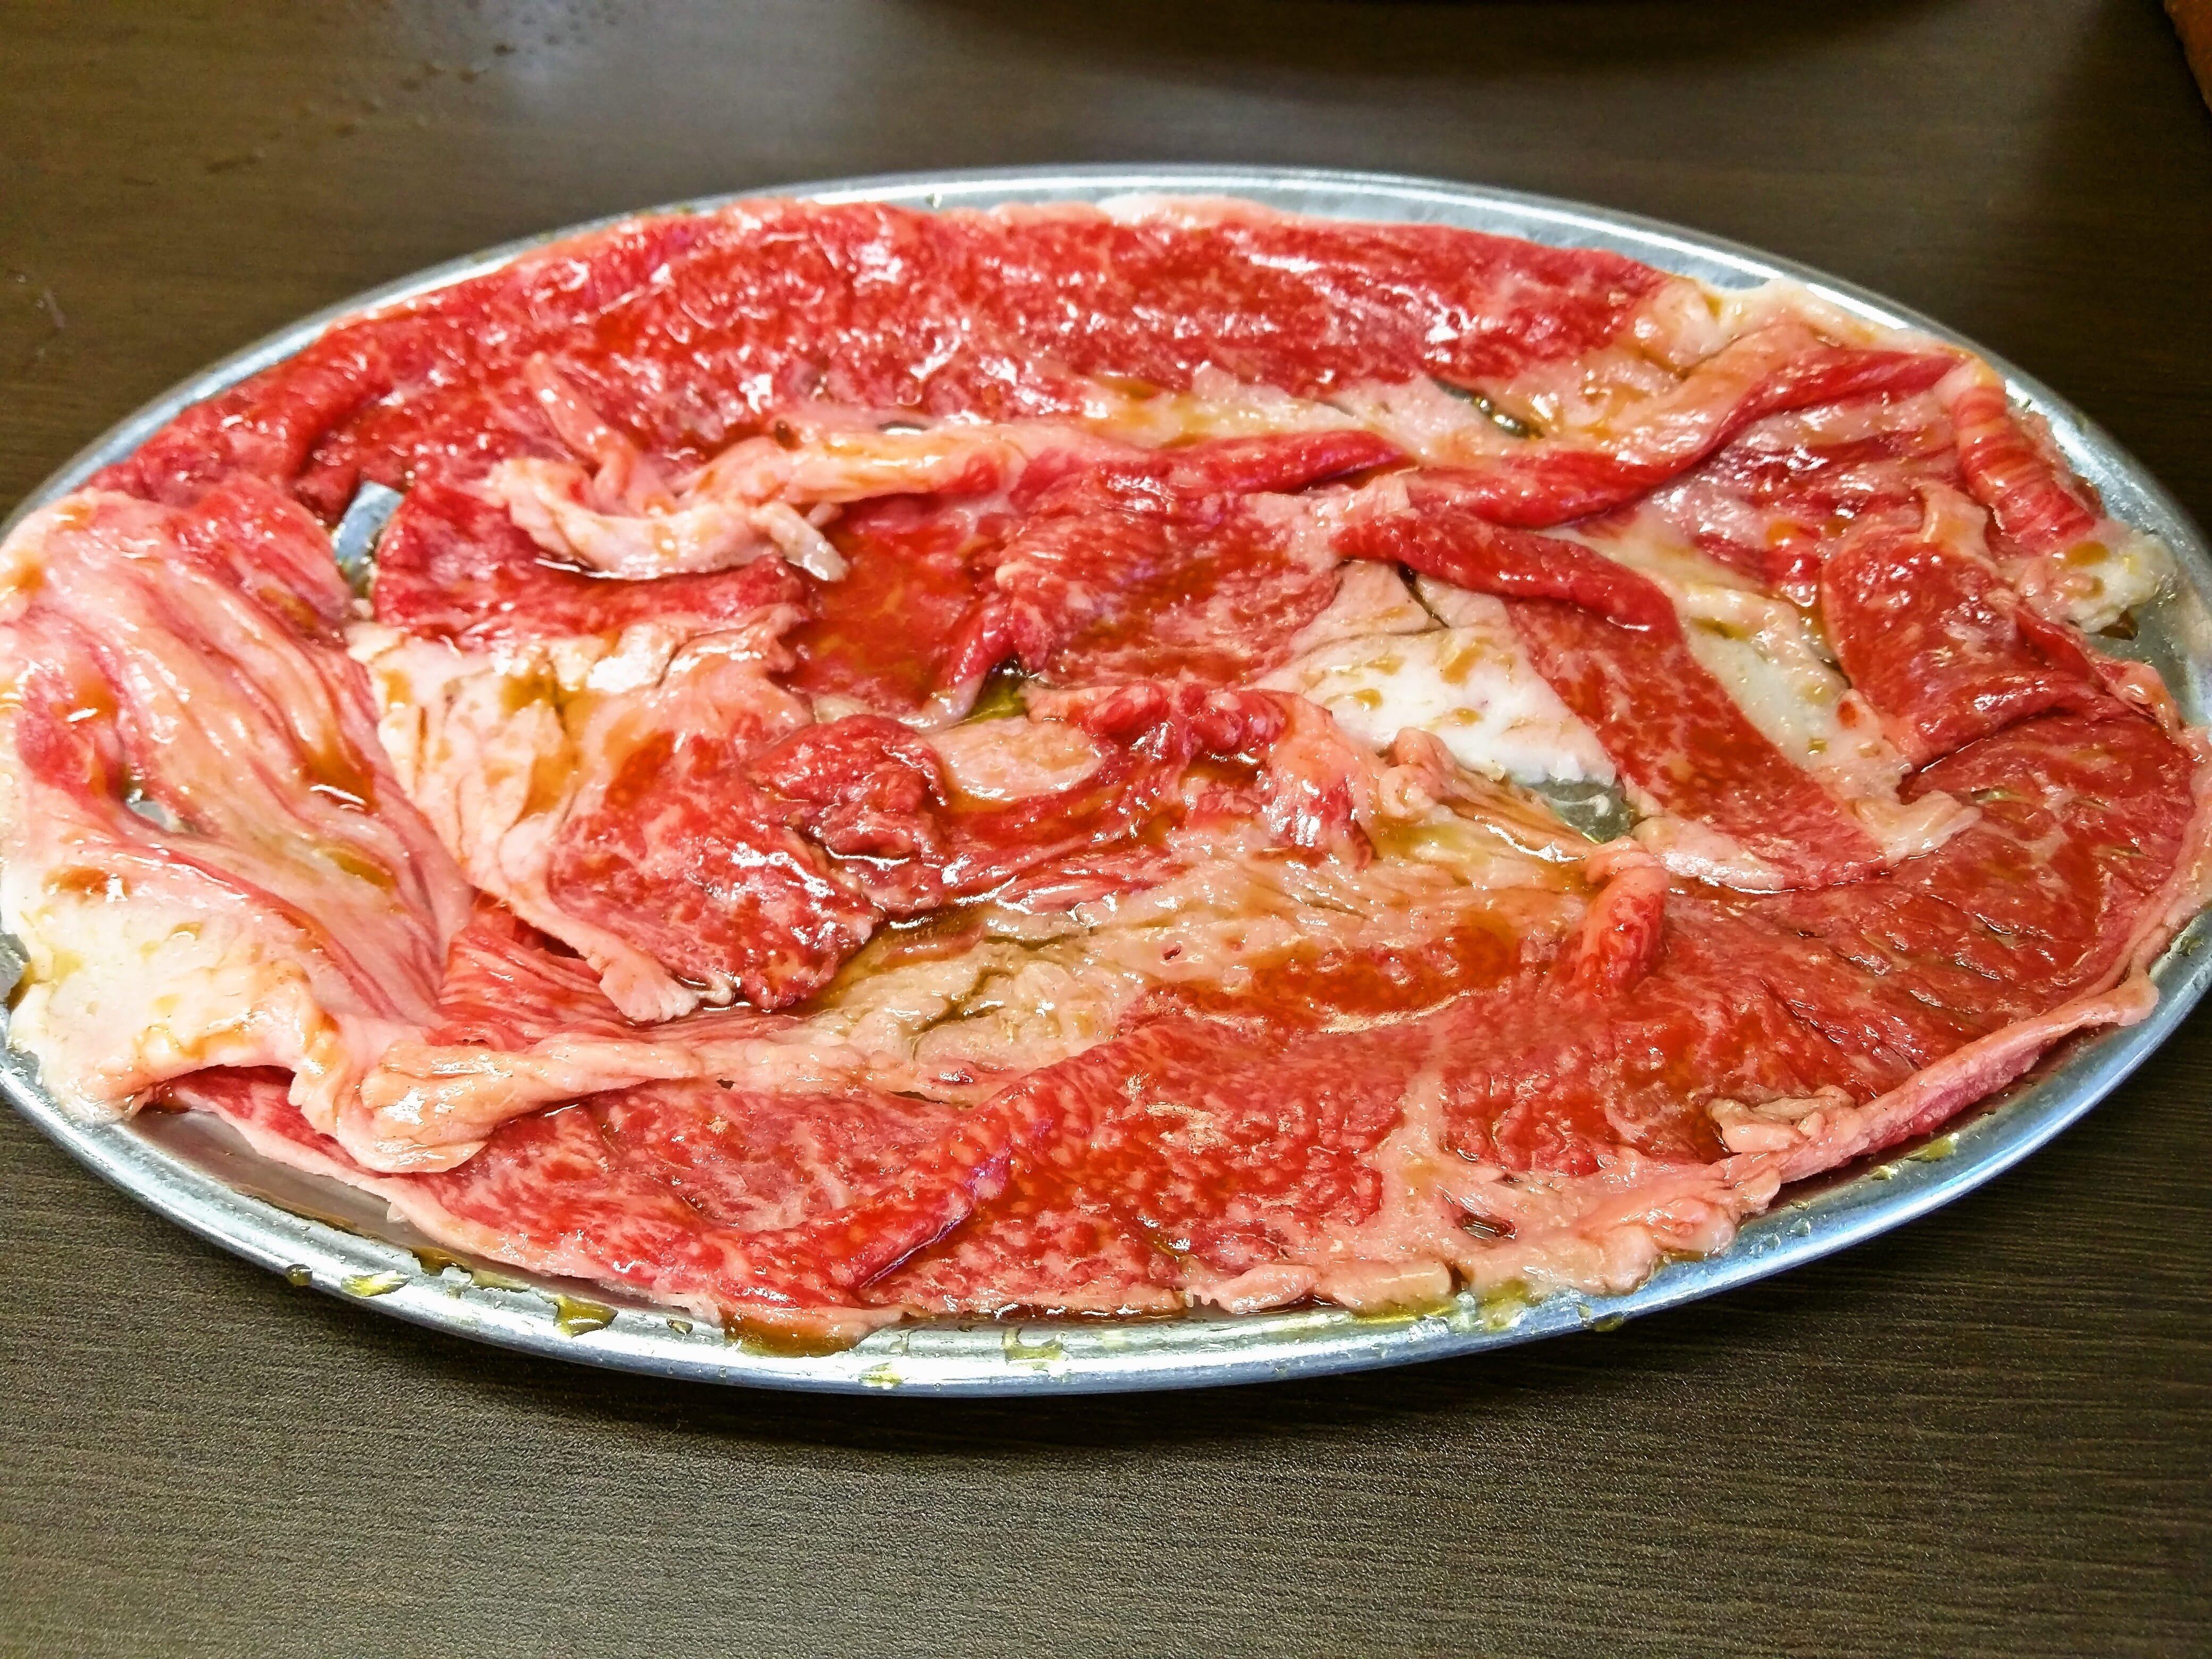 コスパ抜群の美味しい焼肉ランチ ~ 田町(三田) ホルモンまさる